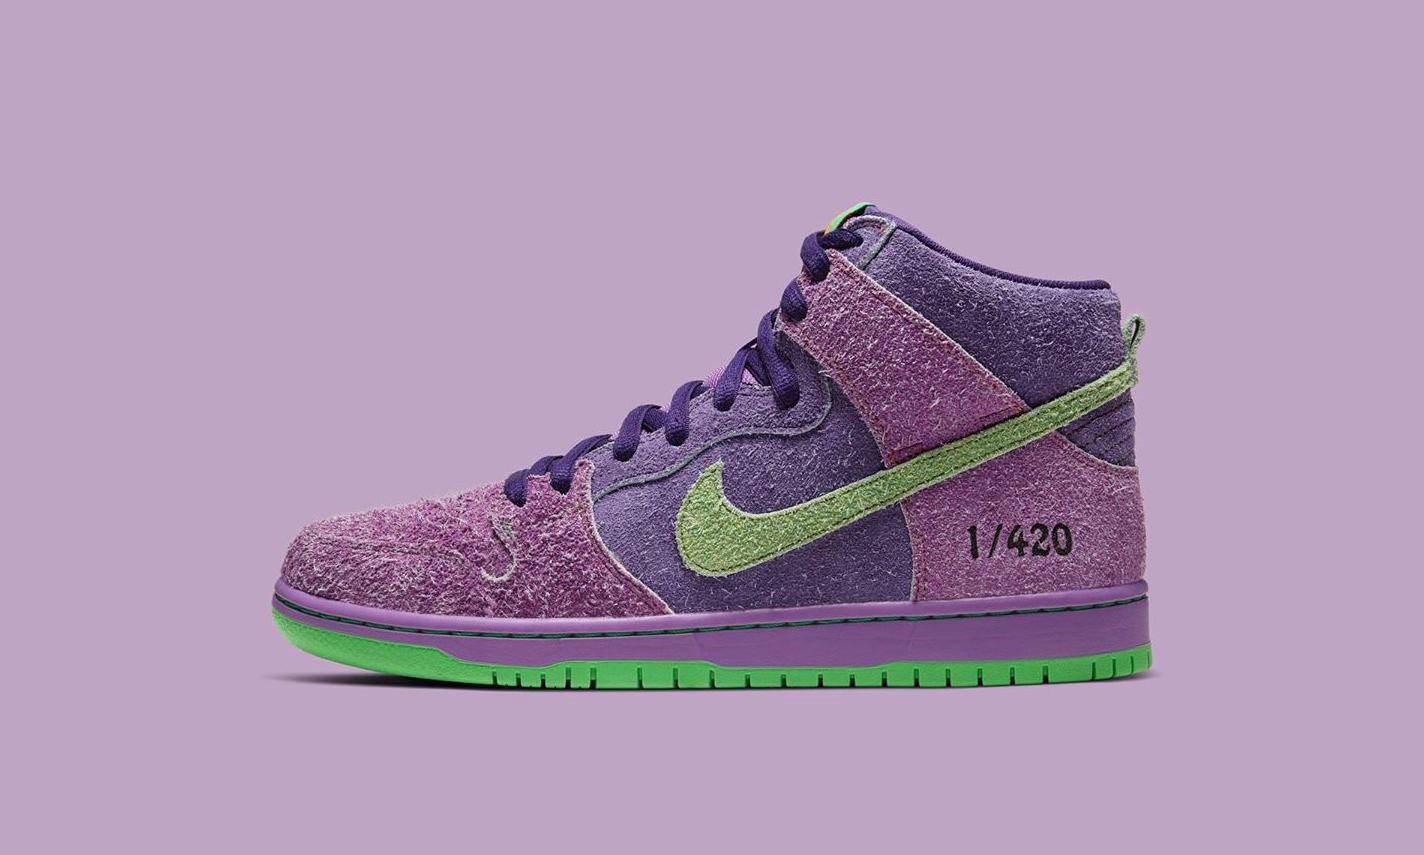 Nike SB Dunk High PRO QS「420」本月发售